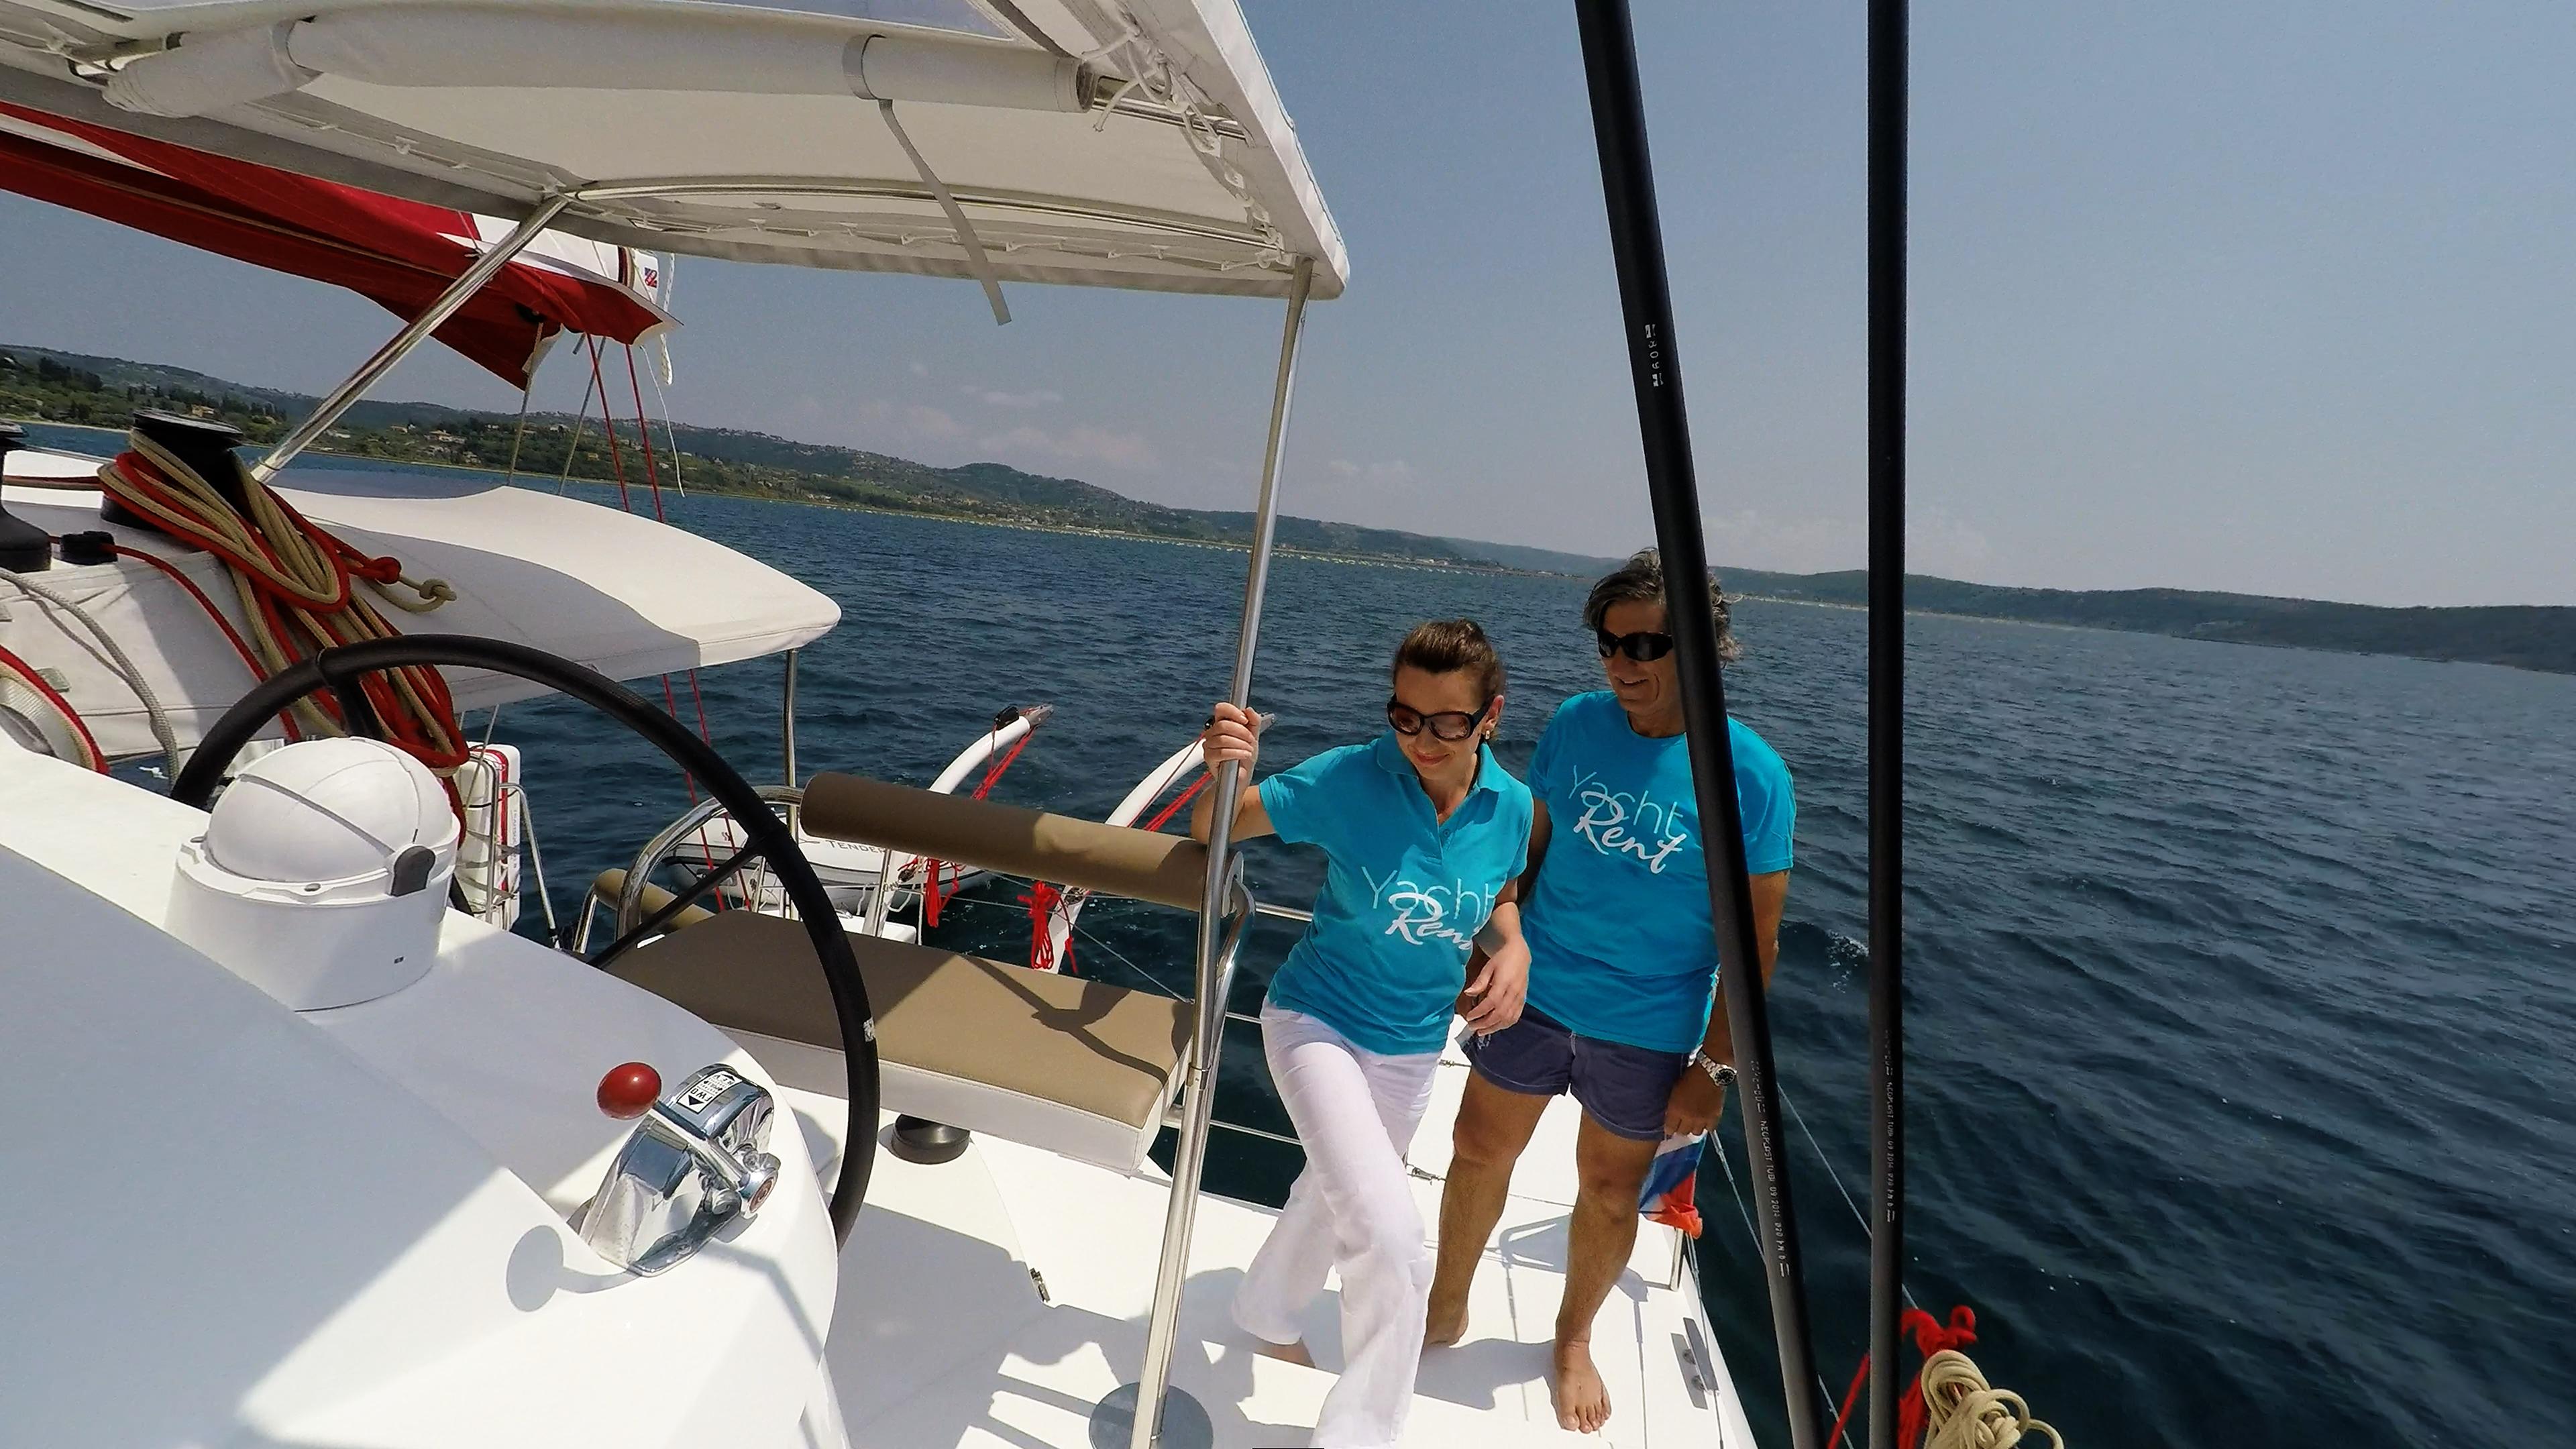 equipaggio della barca a vela